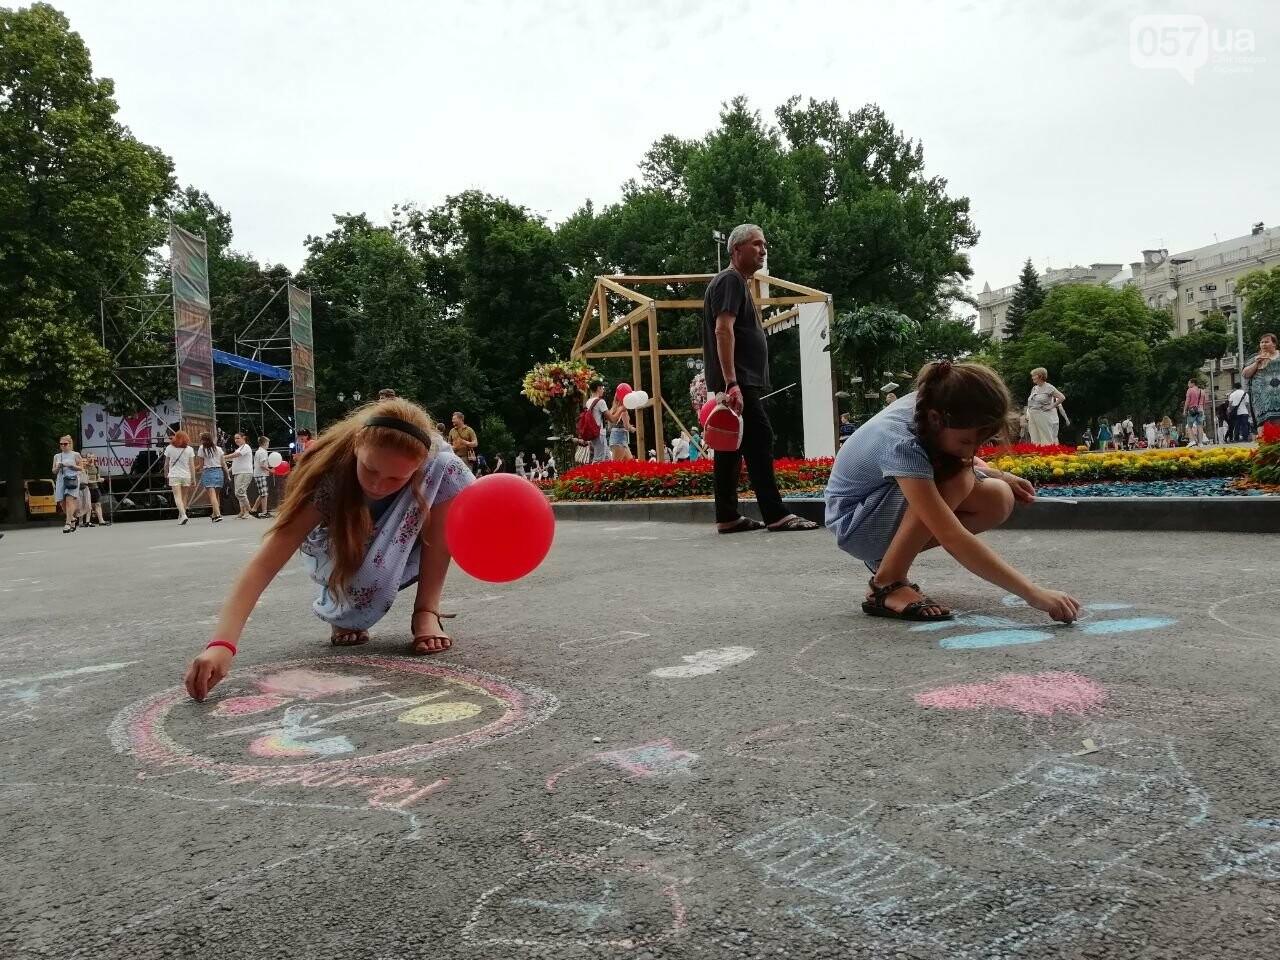 Литература для детей и взрослых: в центре Харькова проходит книжная ярмарка, - ФОТО, фото-7